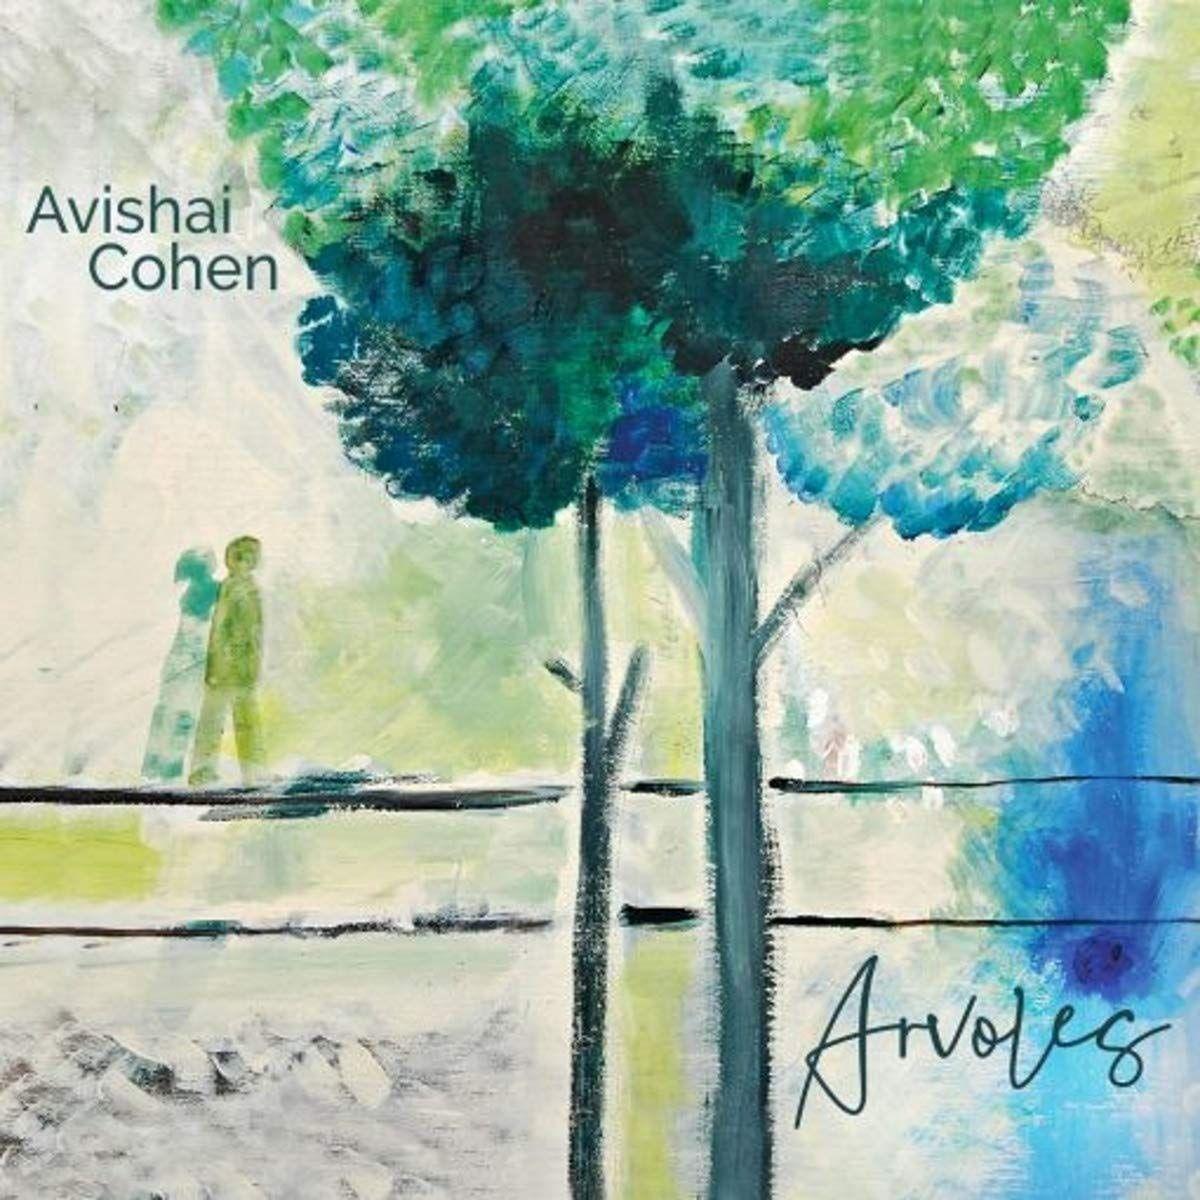 COHEN AVISHAI – Arvoles